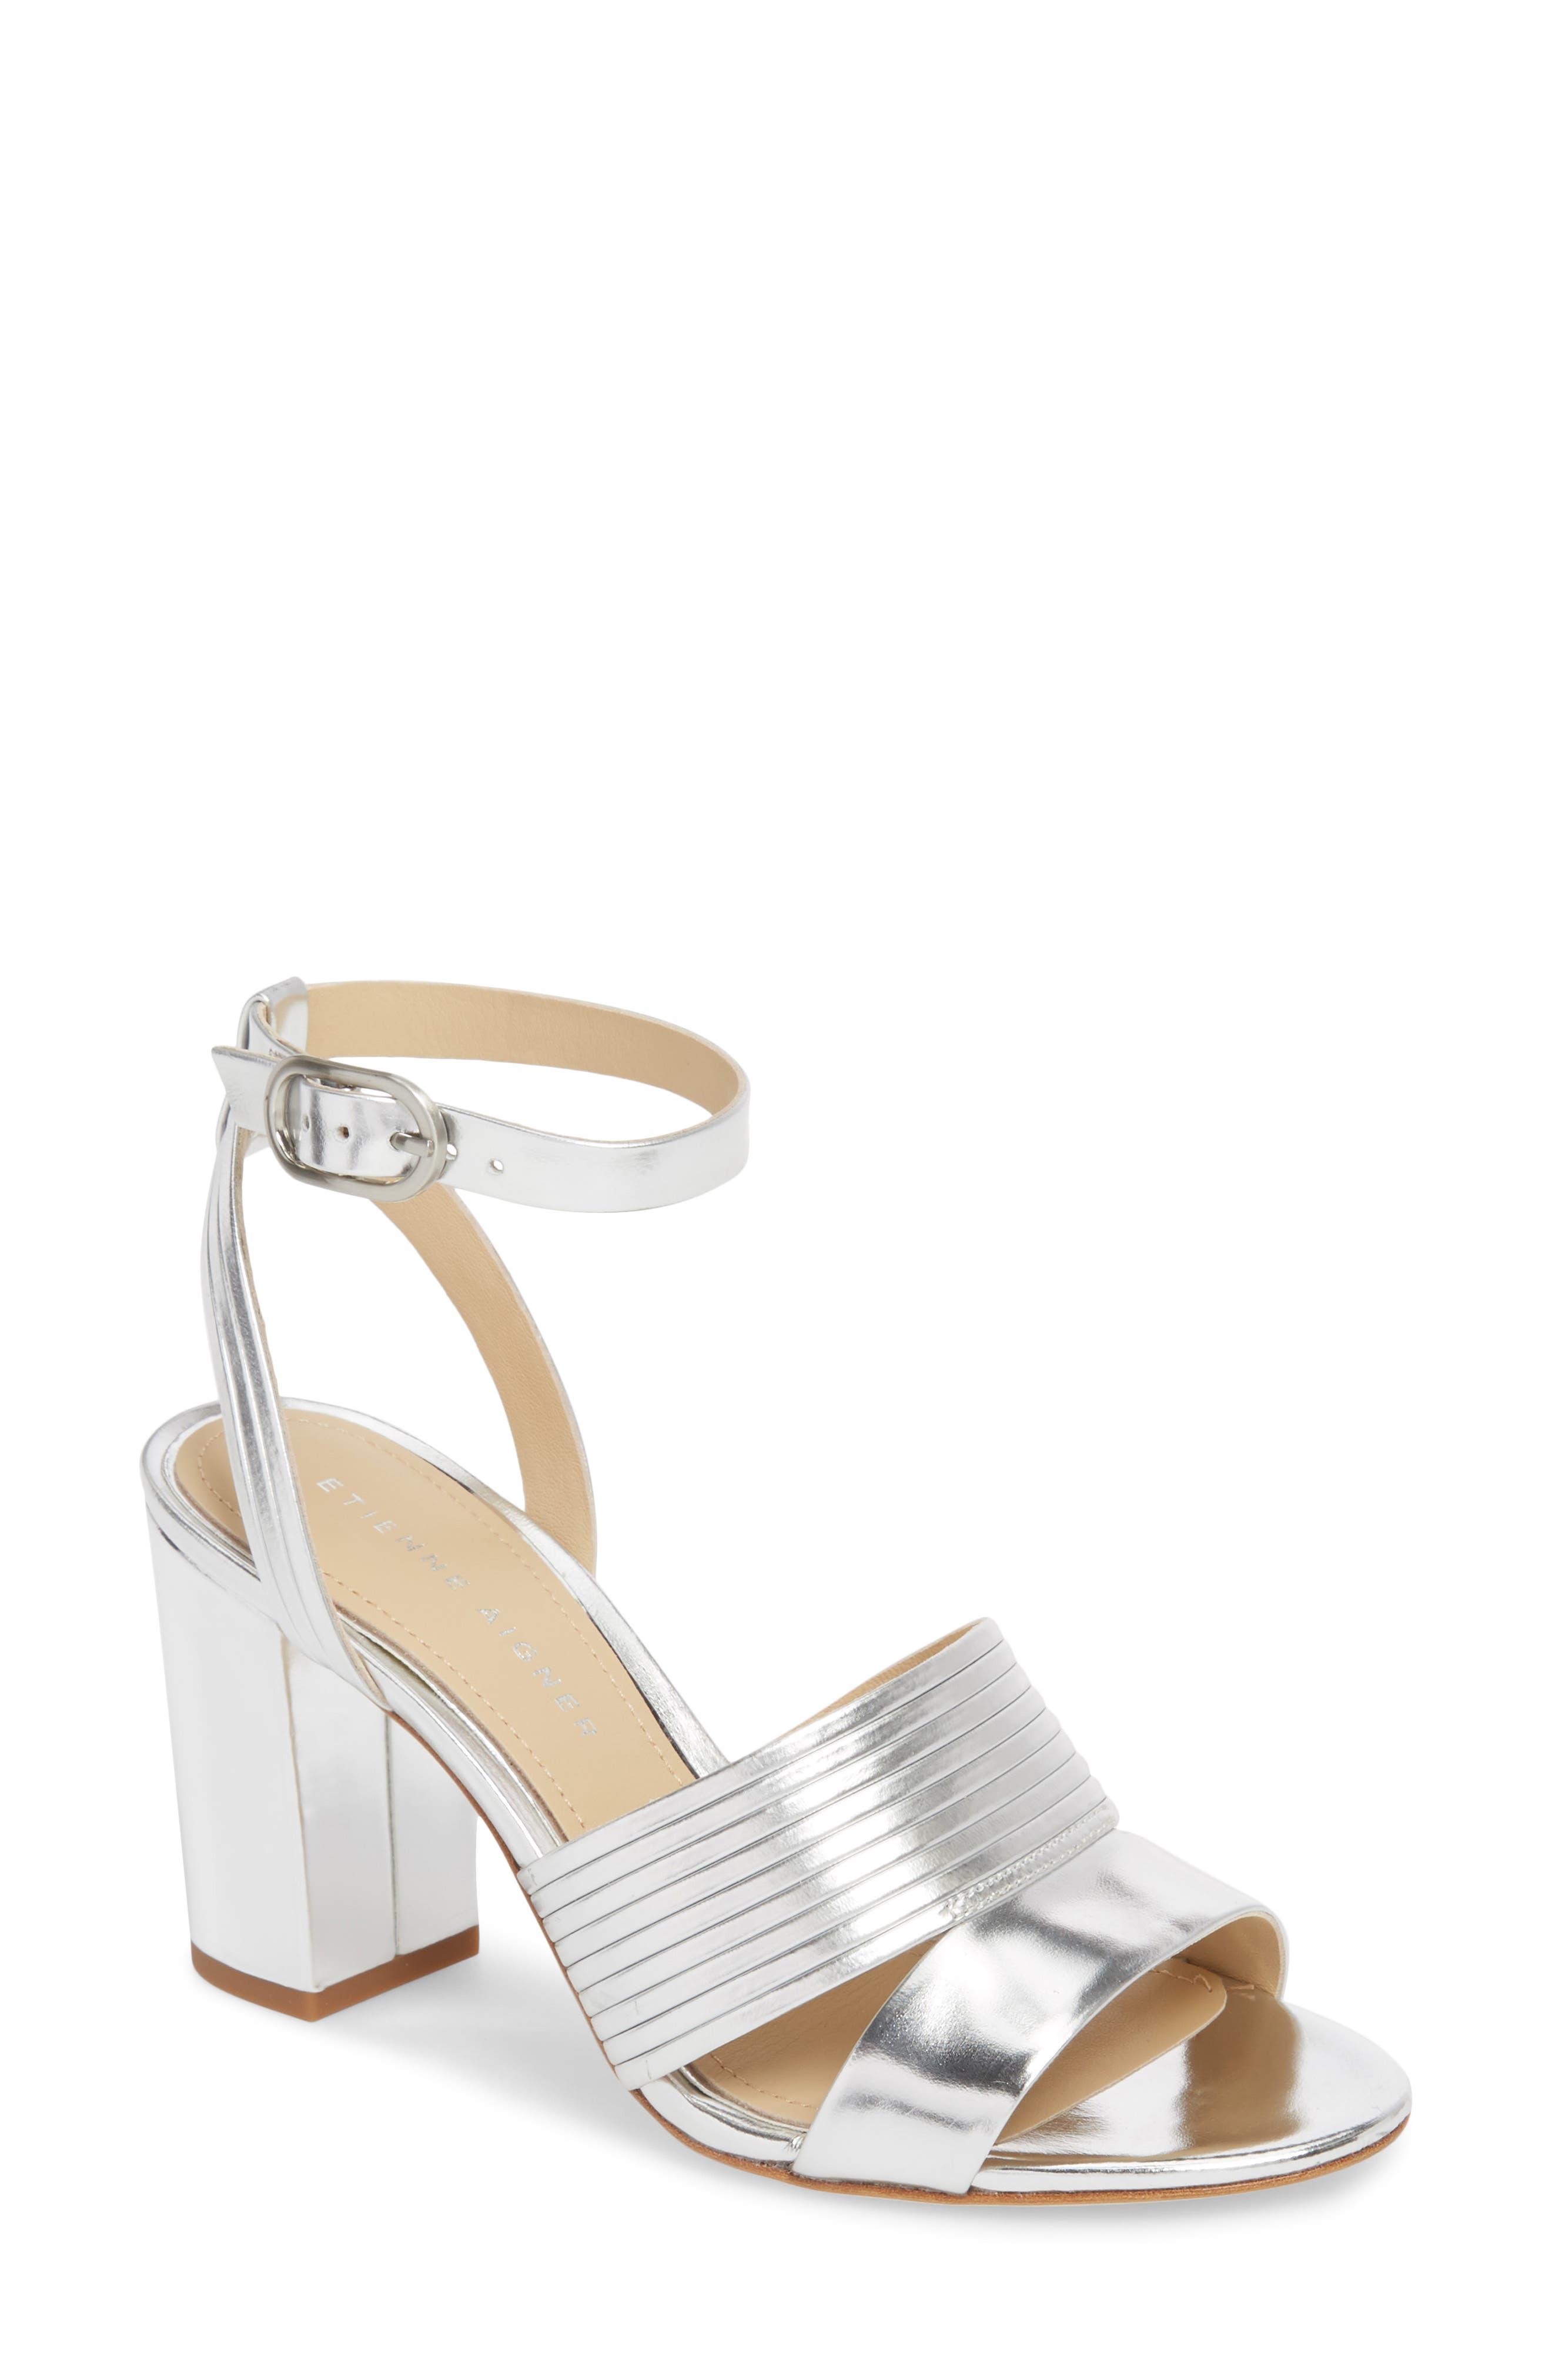 ETIENNE AIGNER,                             Layla Ankle Strap Sandal,                             Main thumbnail 1, color,                             040